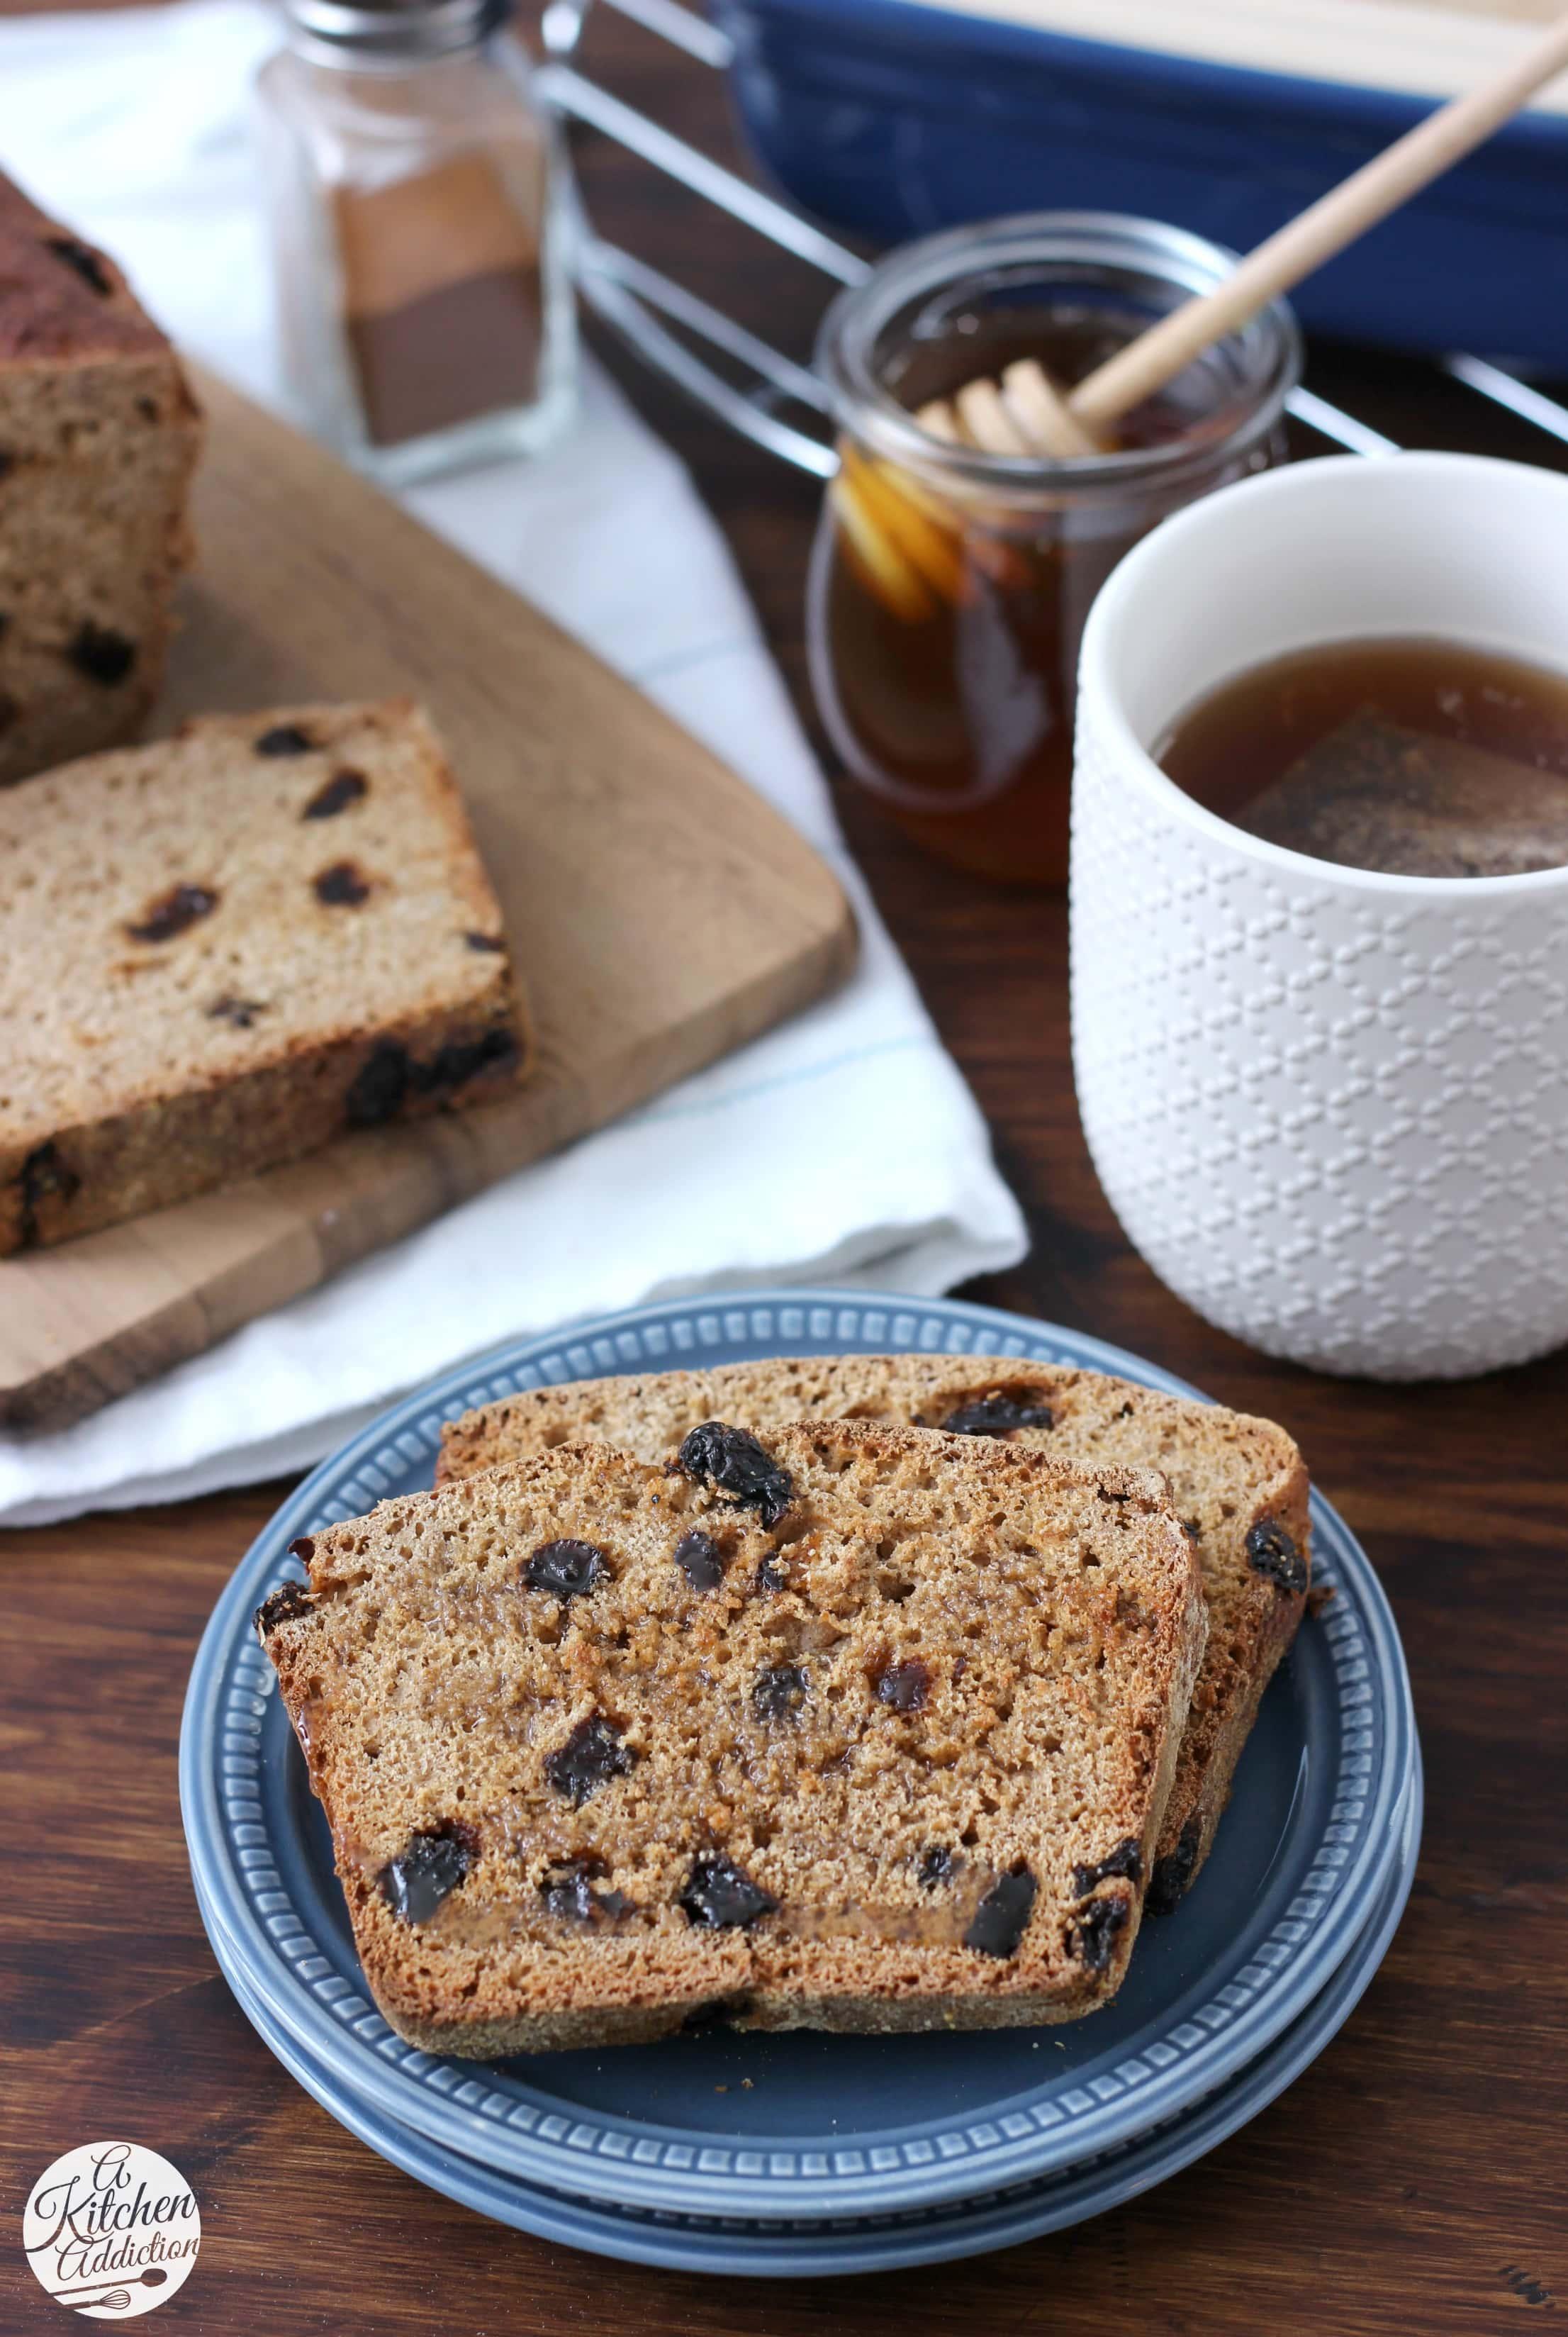 Cinnamon Raisin Honey Wheat English Muffin Bread Recipe from A Kitchen Addiction